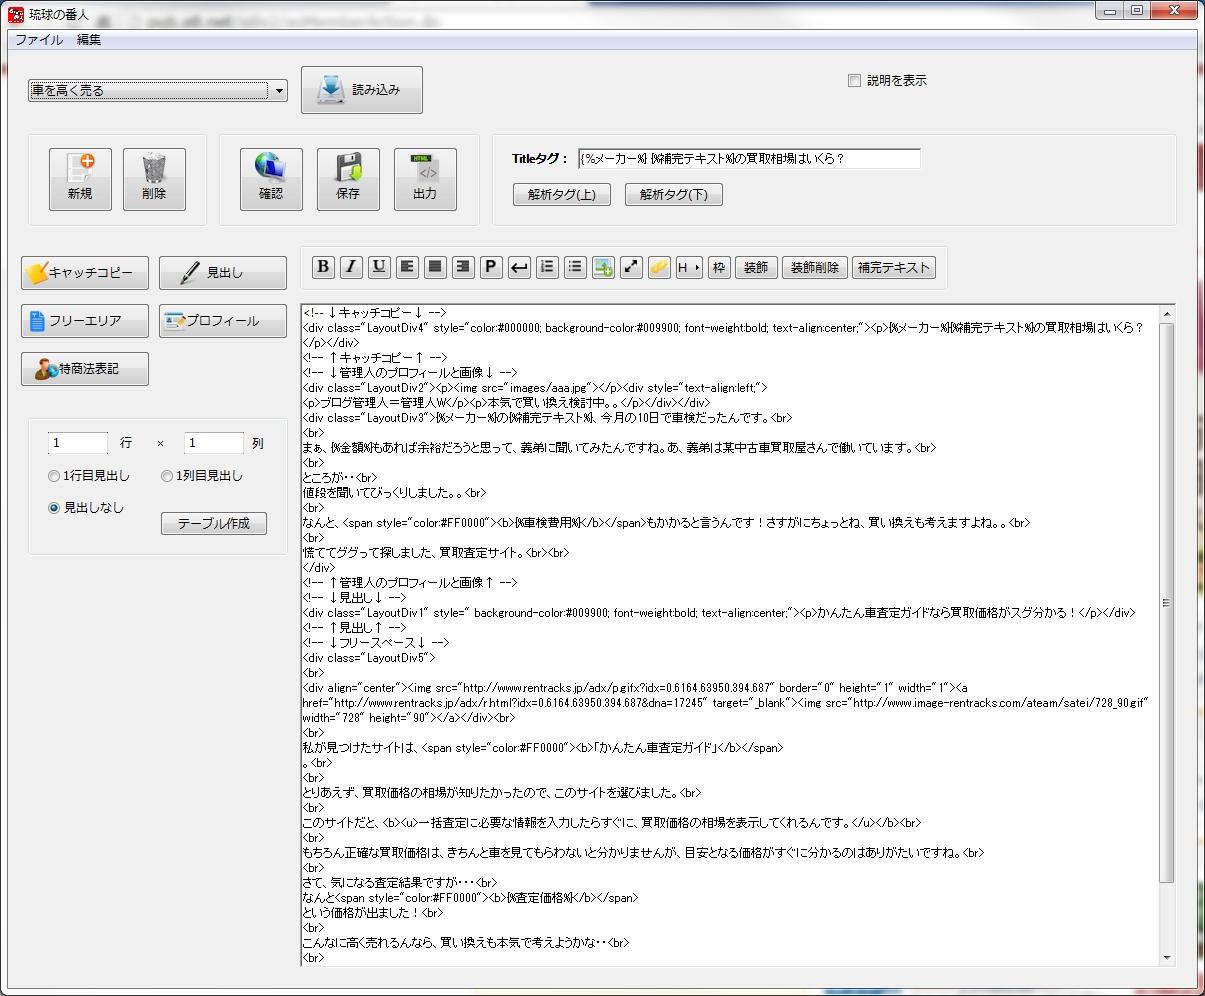 ryukyu-disp01